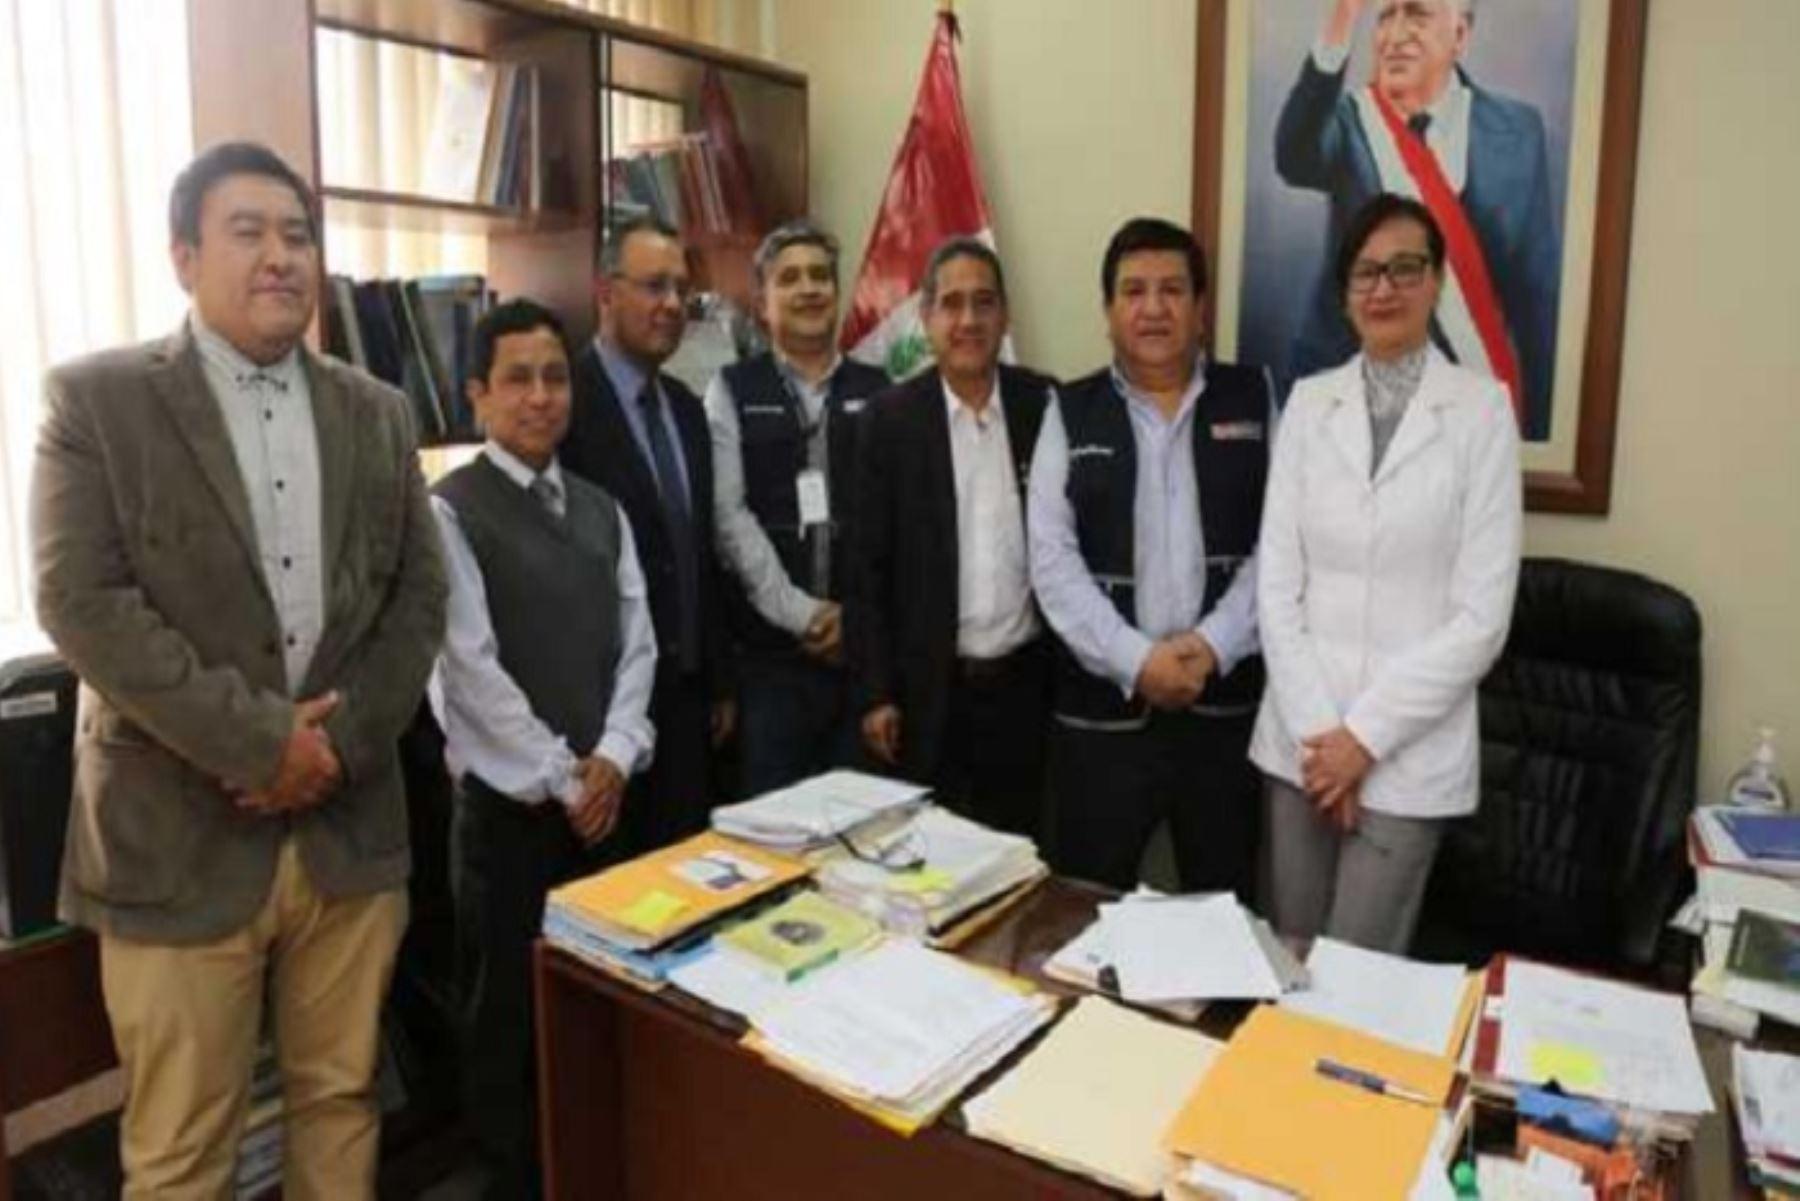 El Ministerio de Salud (Minsa) refuerza en la región Cajamarca  las intervenciones sanitarias que permitan garantizar la atención y tratamiento a pacientes afectados con el síndrome de Guillain-Barré.